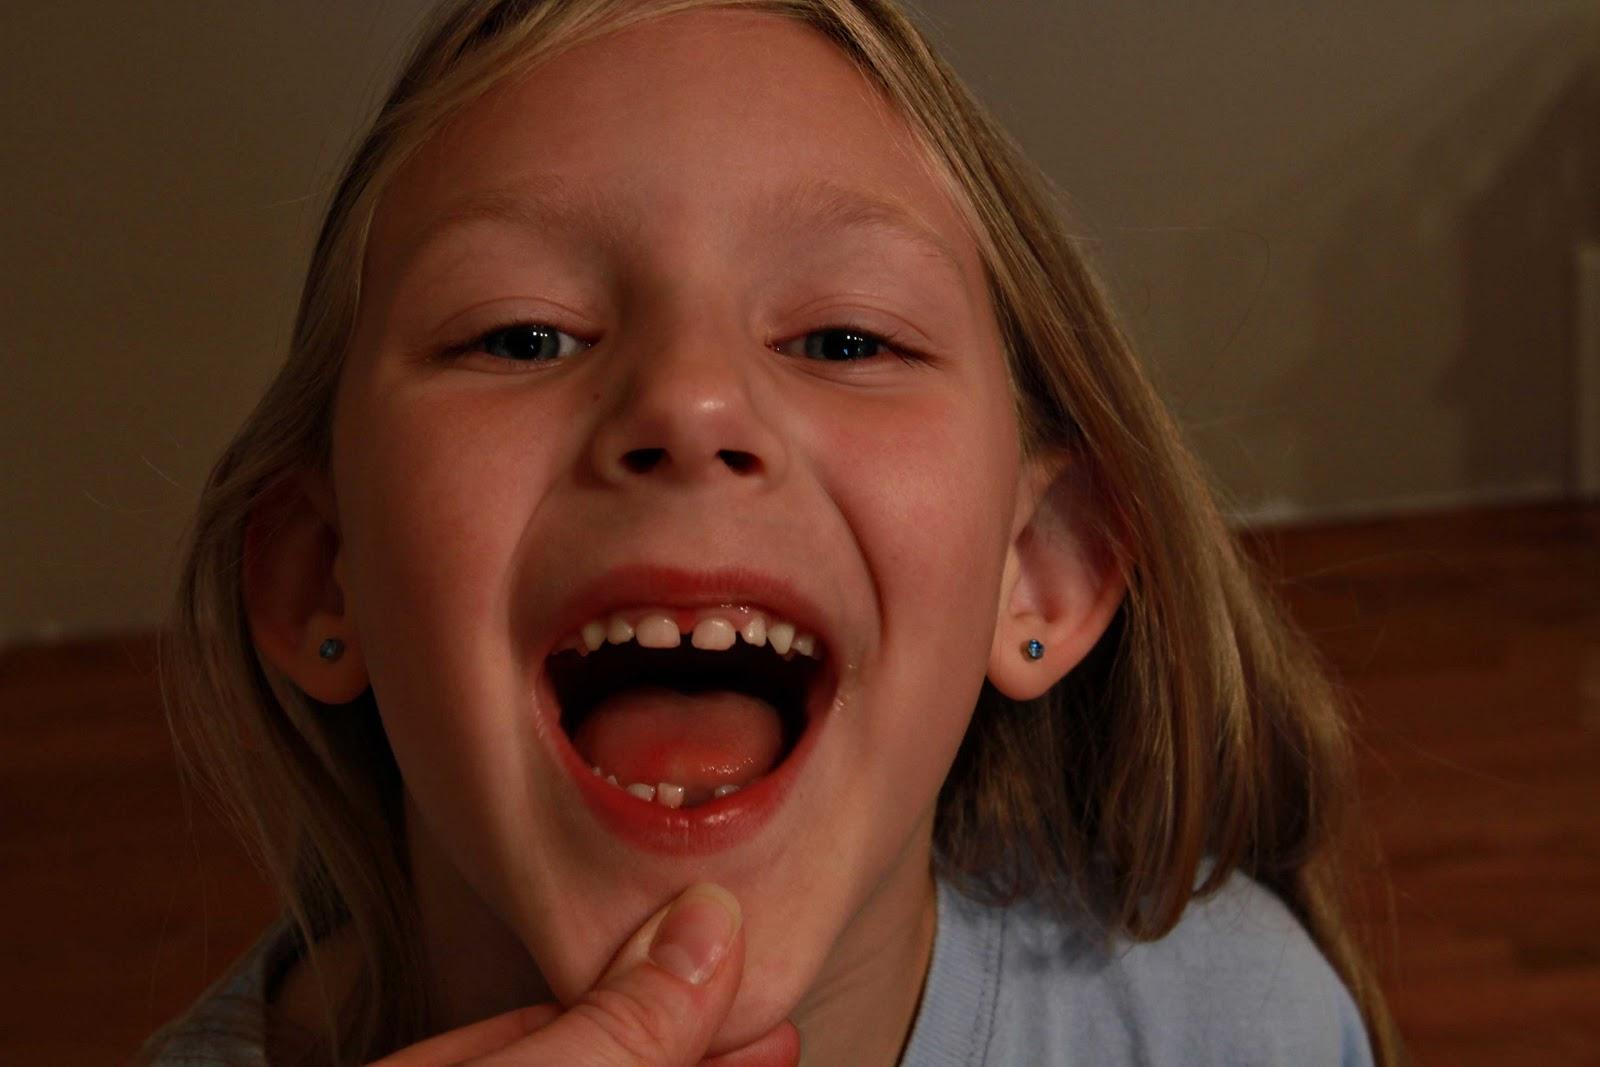 Cum on teeth